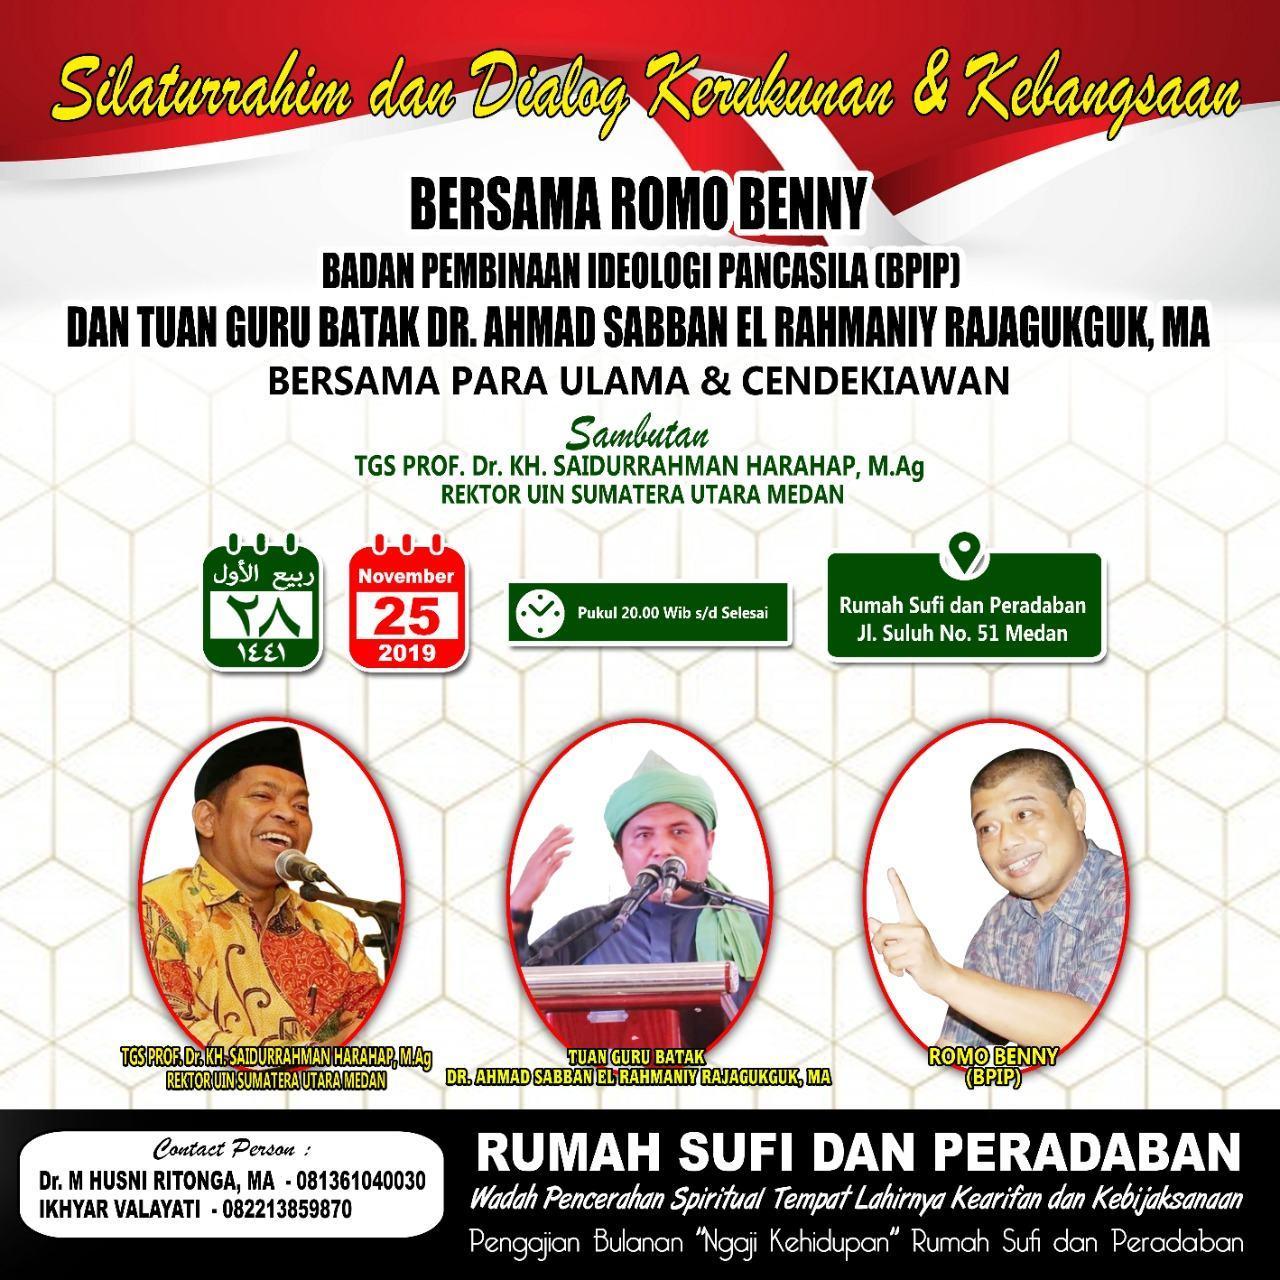 Rumah Sufi dan Peradaban, Gandeng BPIP Gelar Silaturrahmi-Dialog 100 Ulama